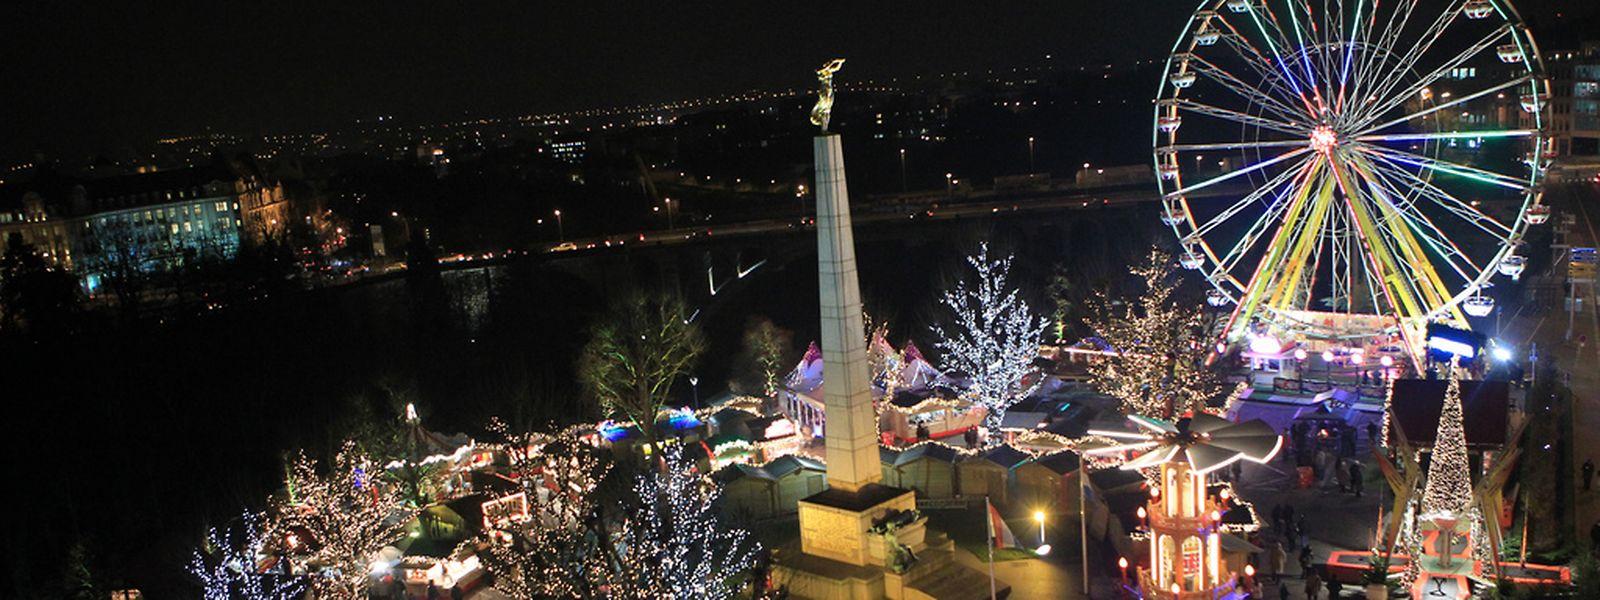 Der Weihnachtsmarkt bei der Gëlle Fra startet am Samstag.